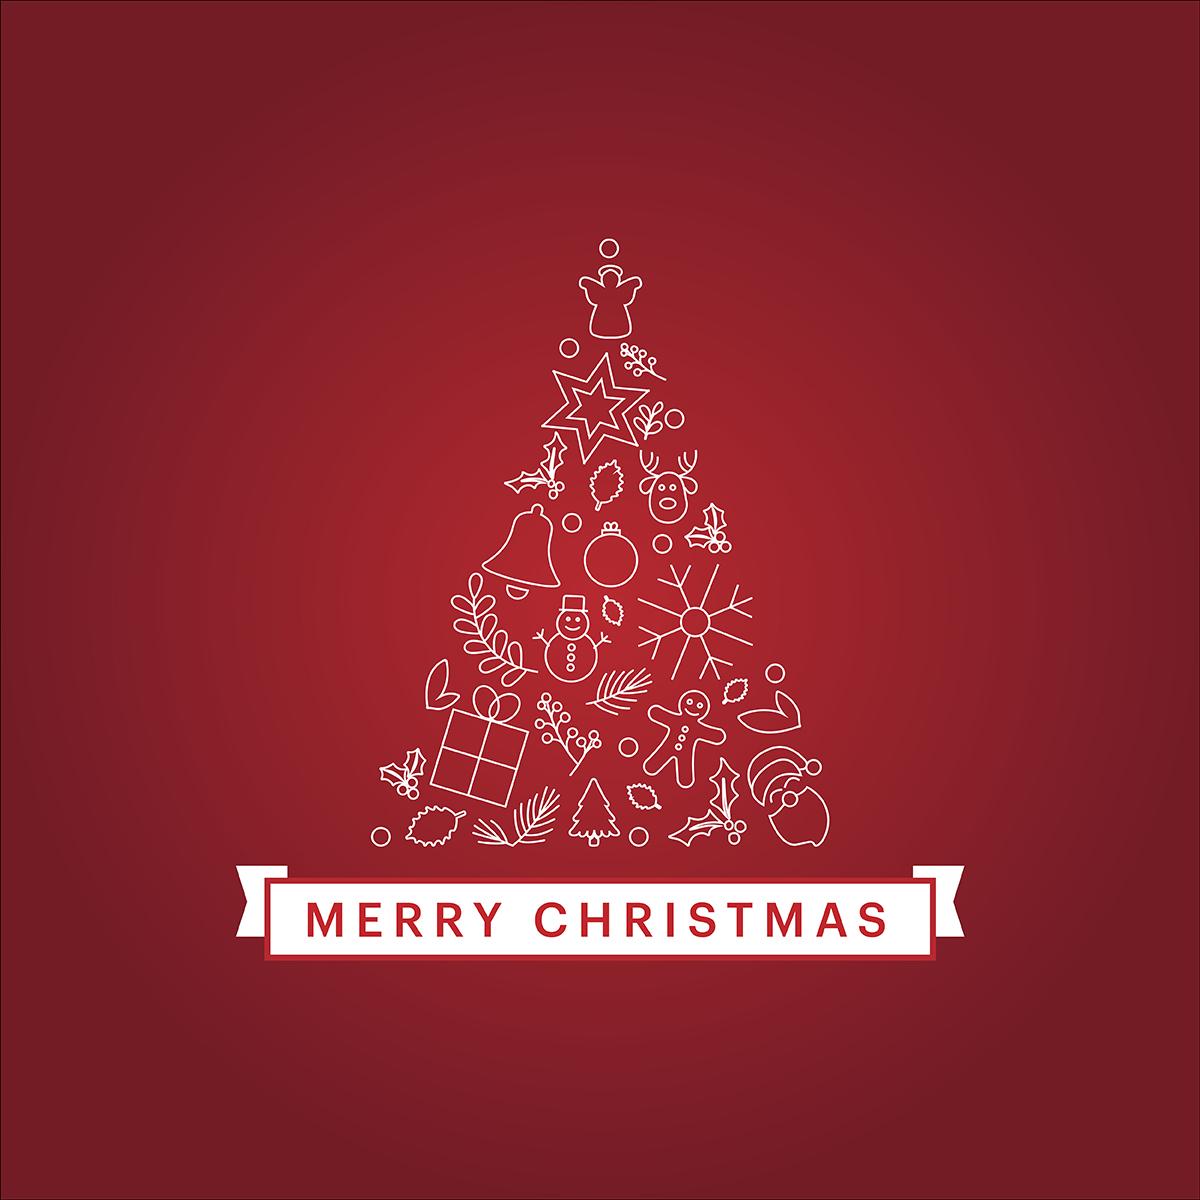 Weihnachtsgrüße An Deine Kunden - Kostenlose Vorlage mit Kostenlose Weihnachtsmails